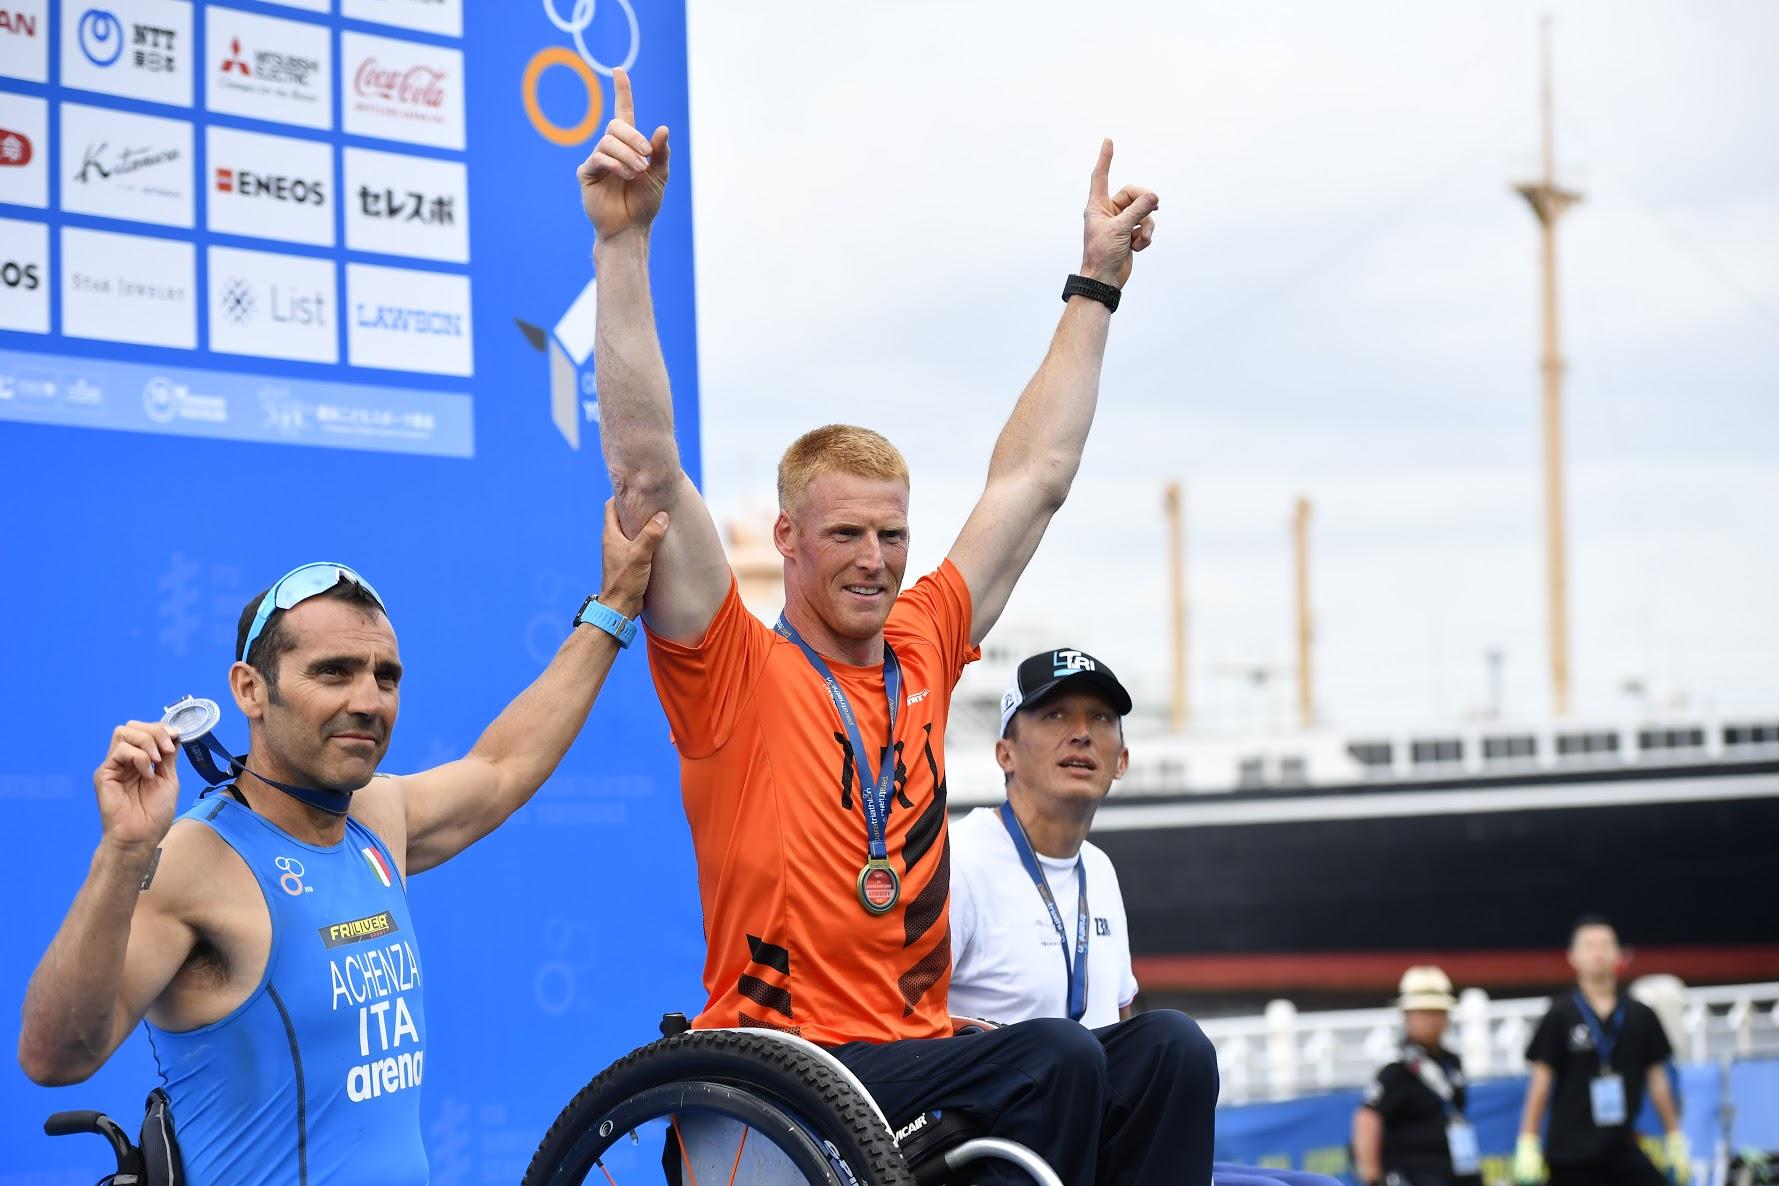 すべてのクラスを通してトップタイムだった、車椅子のヘールト・スキパー(オランダ)の表彰式 写真・山下元気